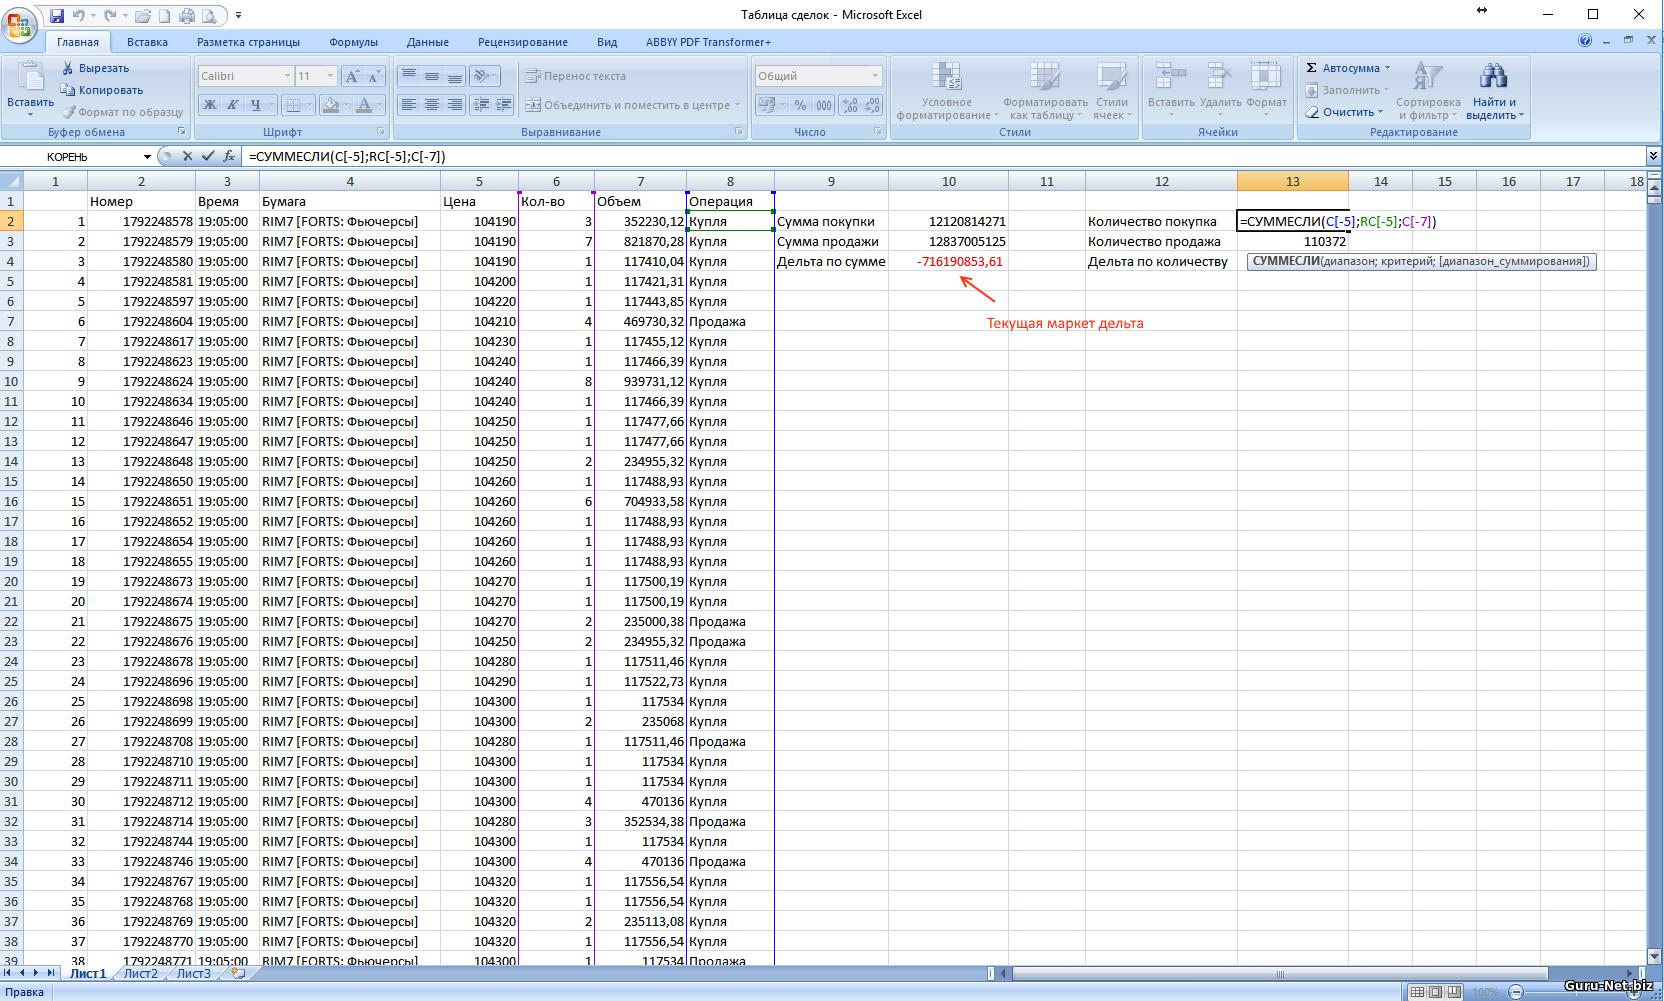 Вычисление маркет дельты в Excel